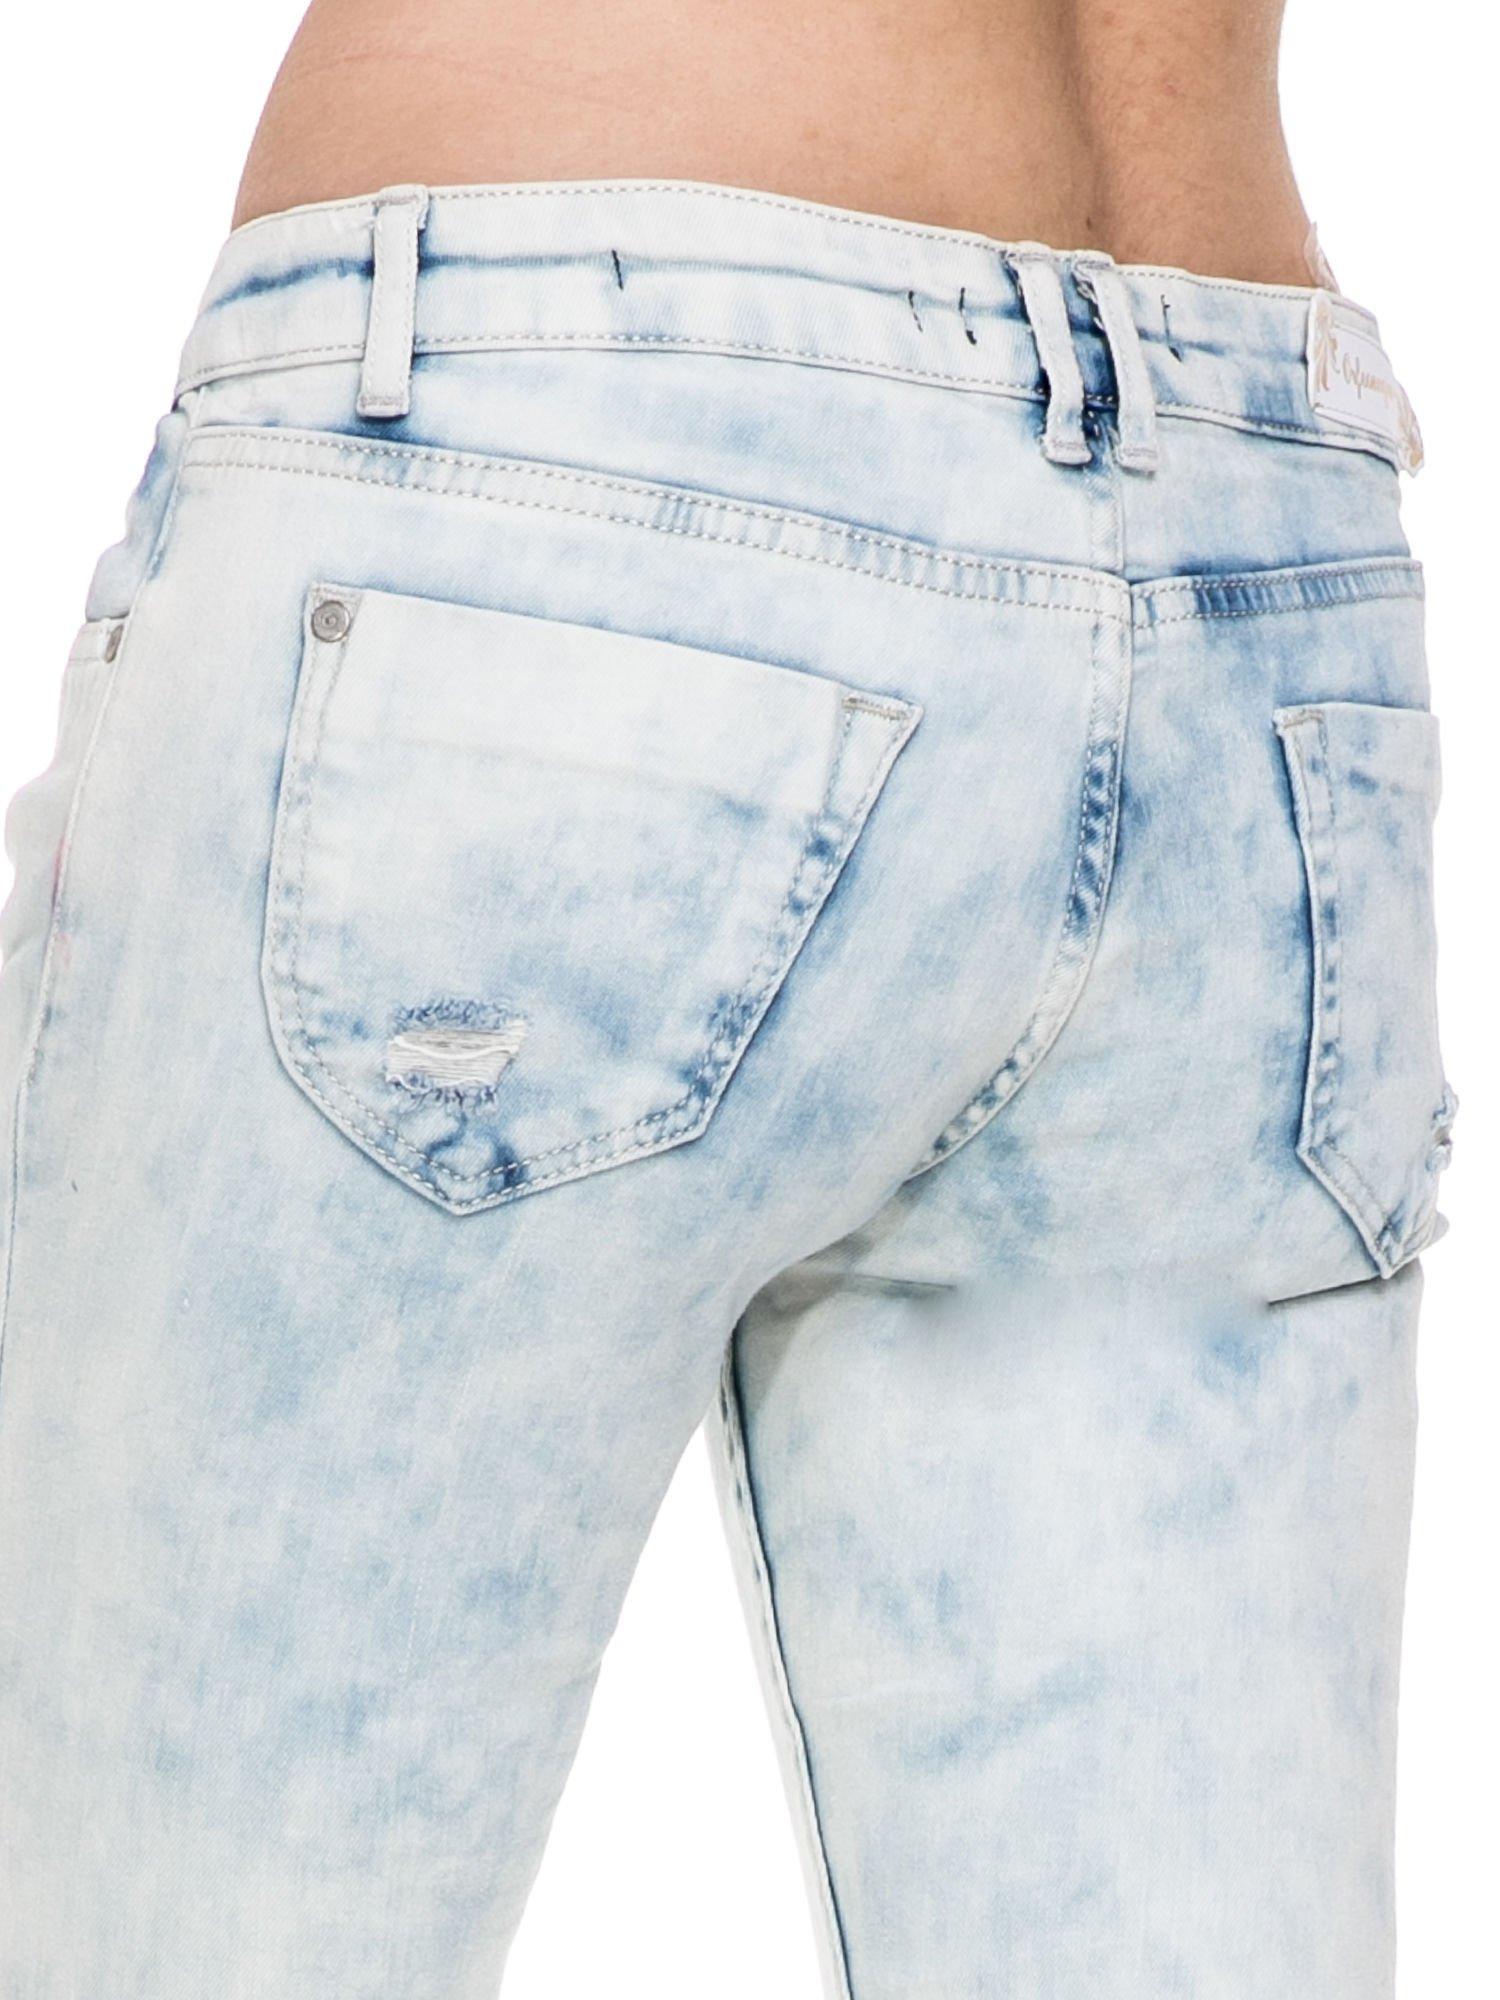 Jasnoniebieskie spodnie jeansowe rurki z przetarciami i poszarpaną na dole nogawką                                  zdj.                                  7